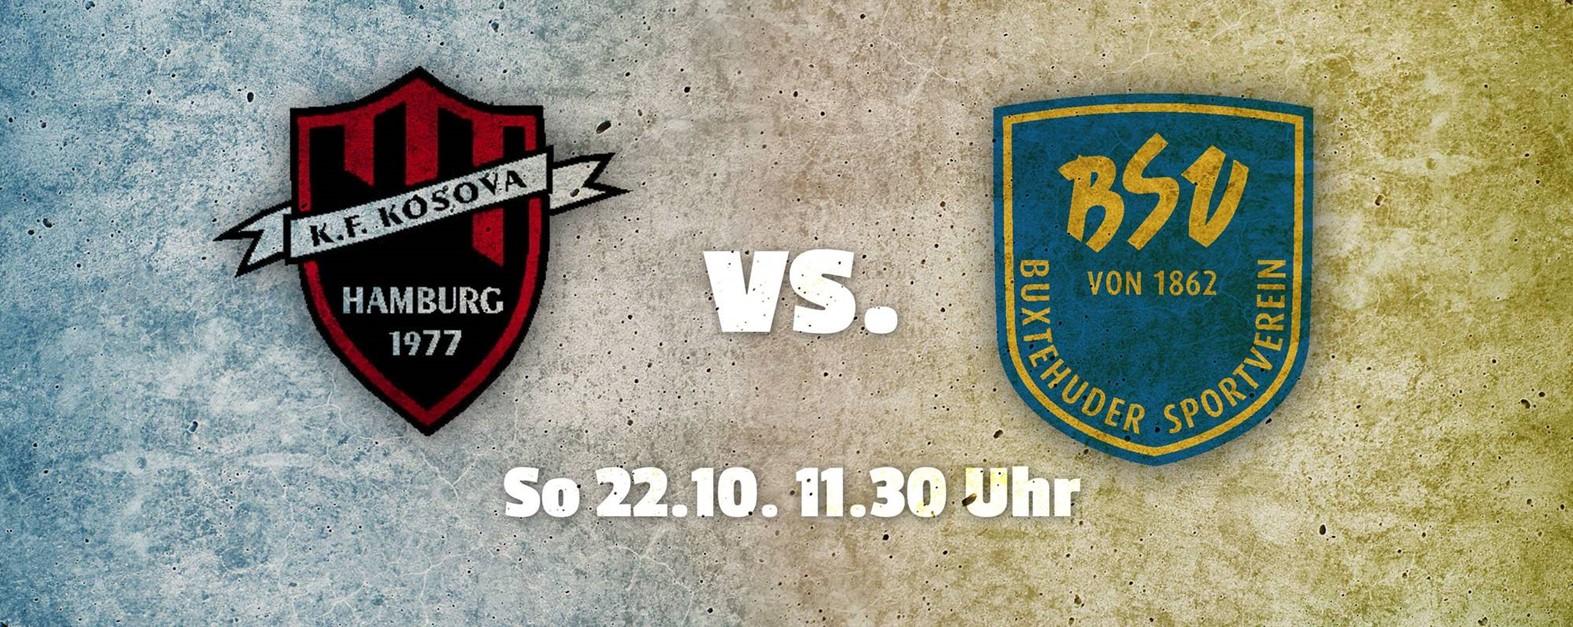 Vorschau 13. Spieltag Klub Kosova vs. BSV